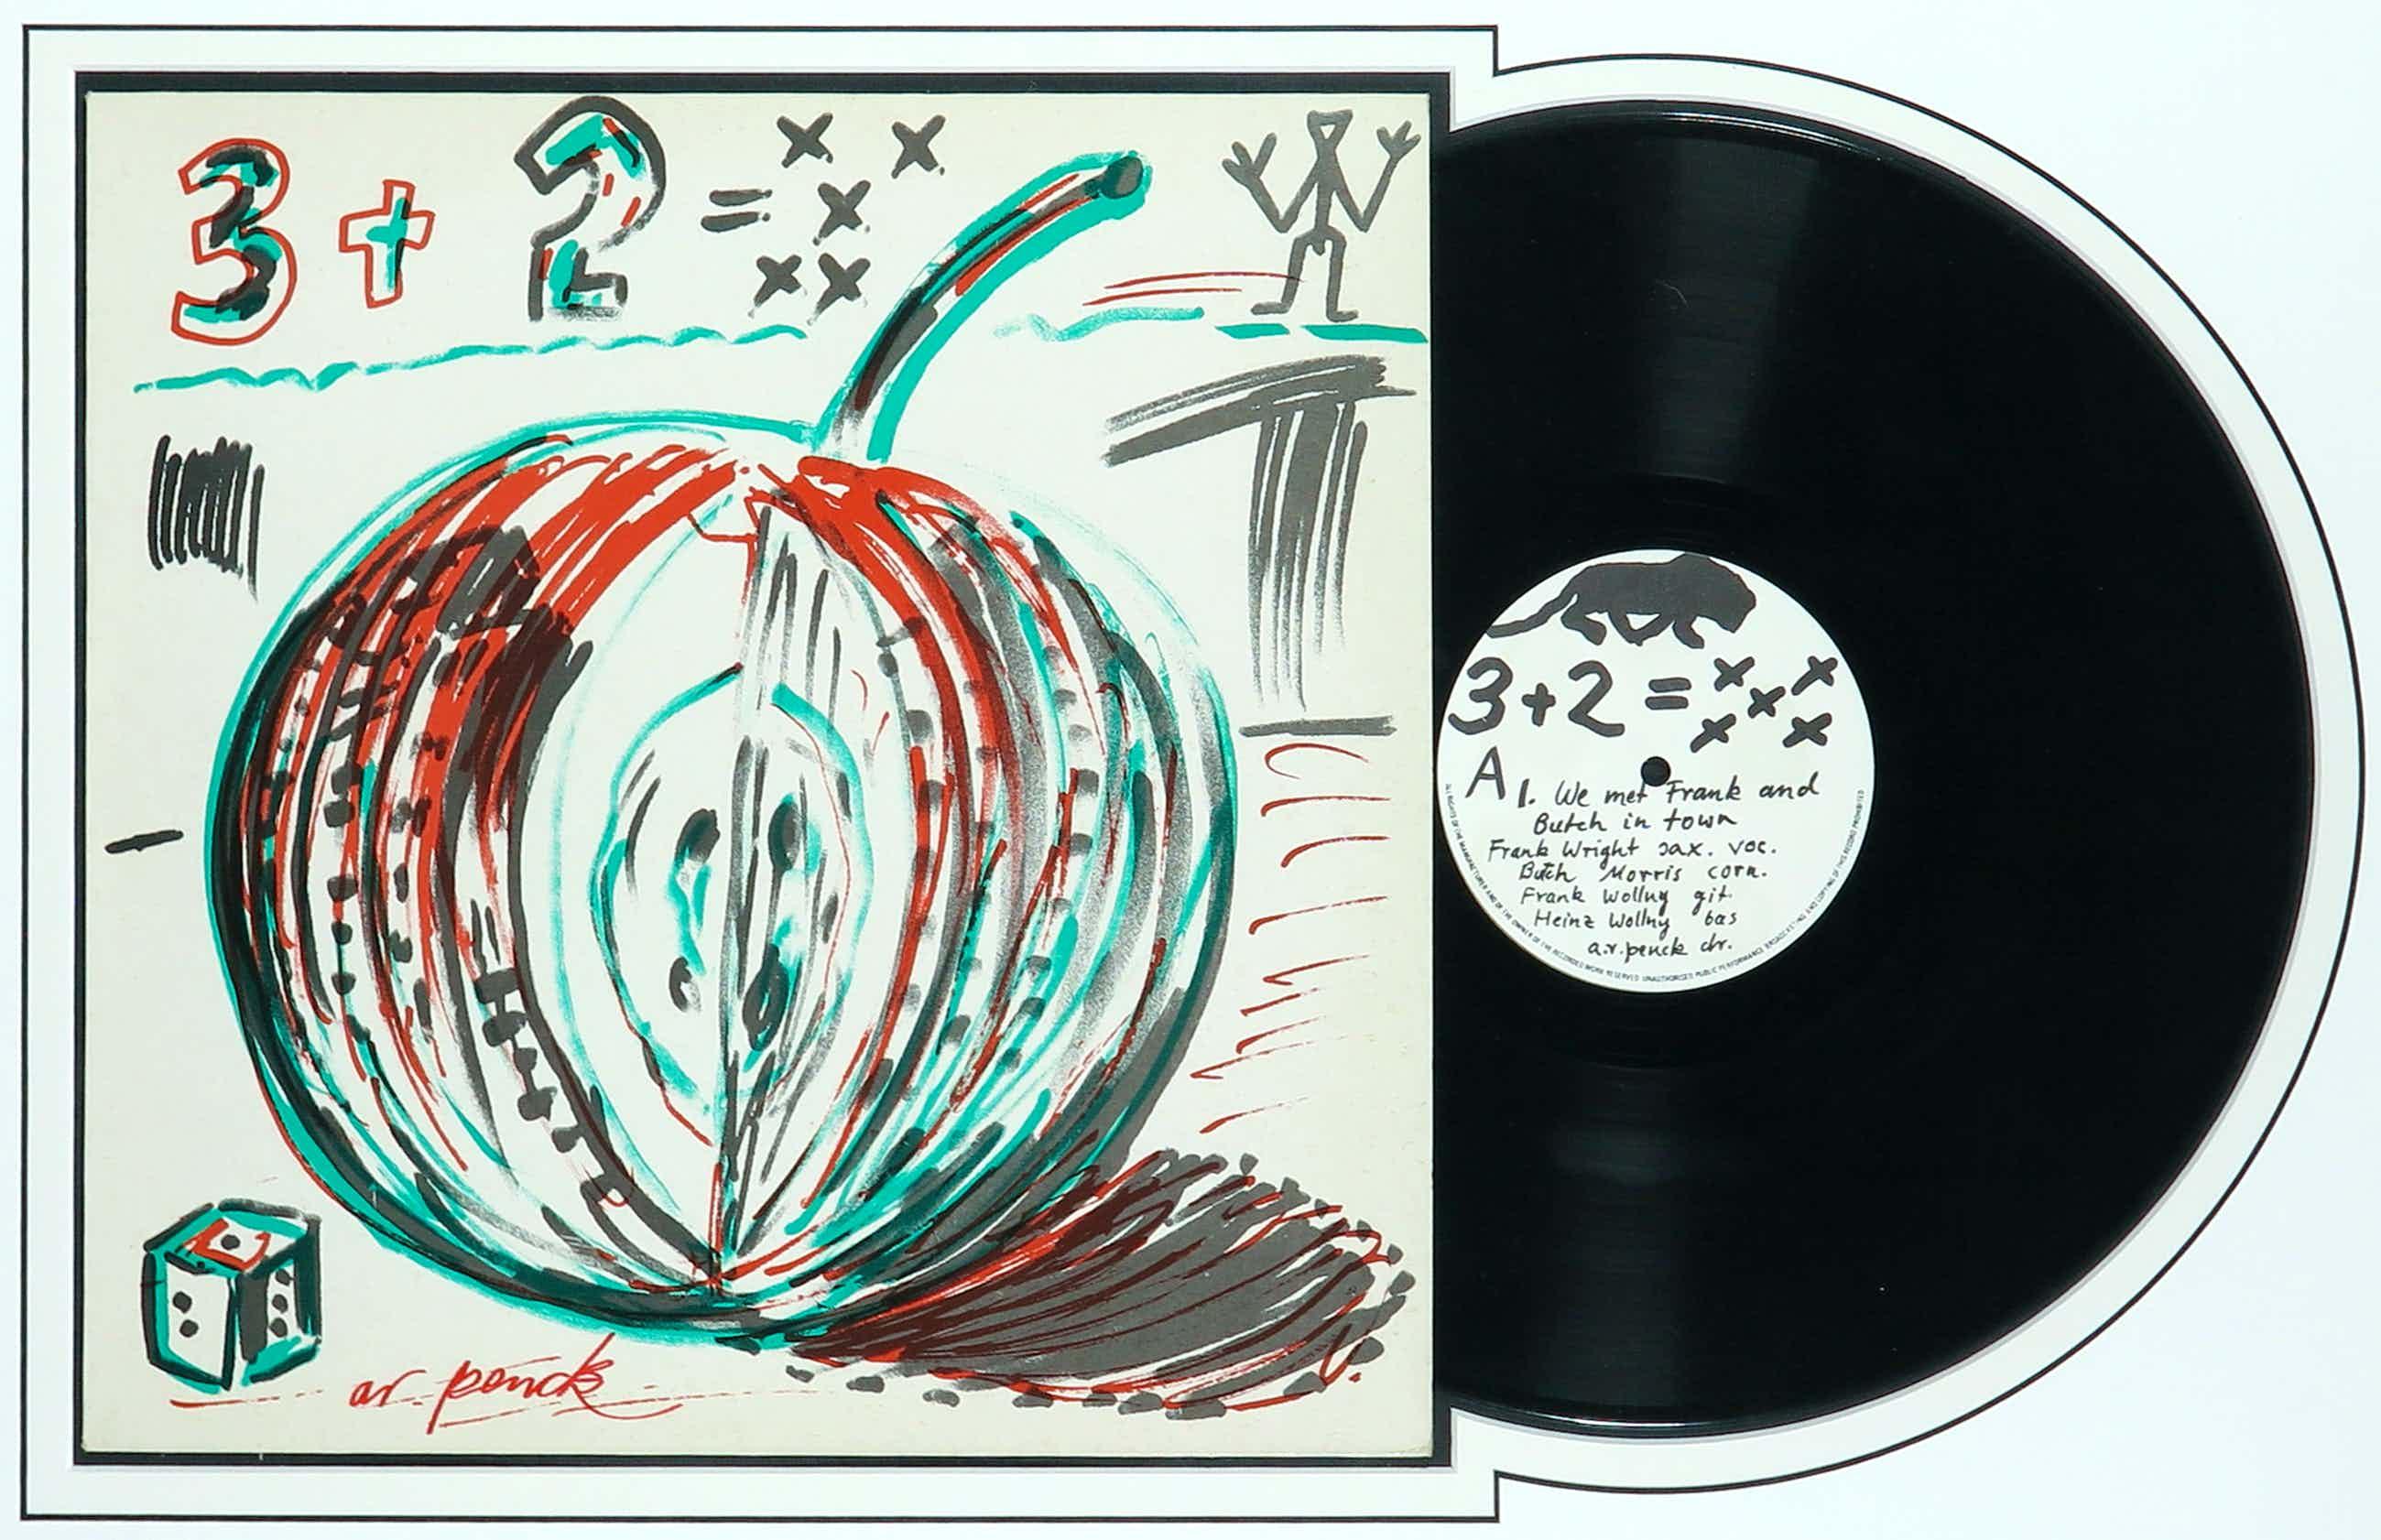 A.R. Penck - en TTT - Gesigneerd album 3+2 = XXX - Ingelijst kopen? Bied vanaf 162!